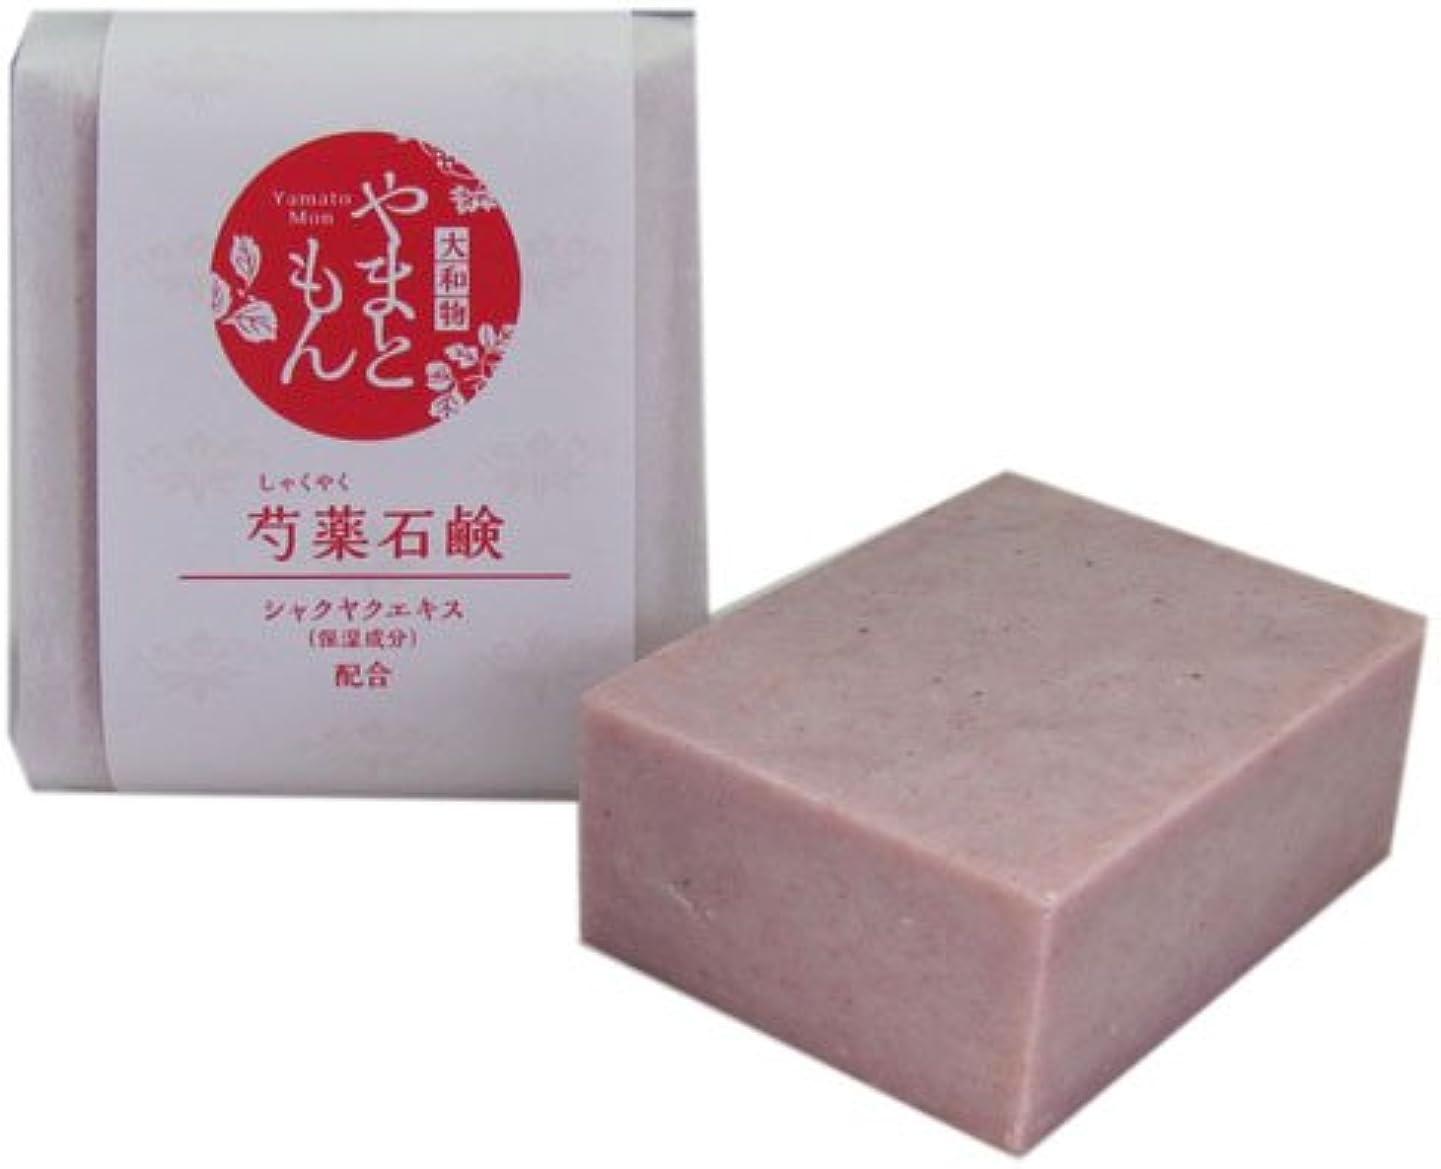 襟接辞そこ奈良産和漢生薬エキス使用やまともん化粧品 芍薬石鹸(しゃくやくせっけん)